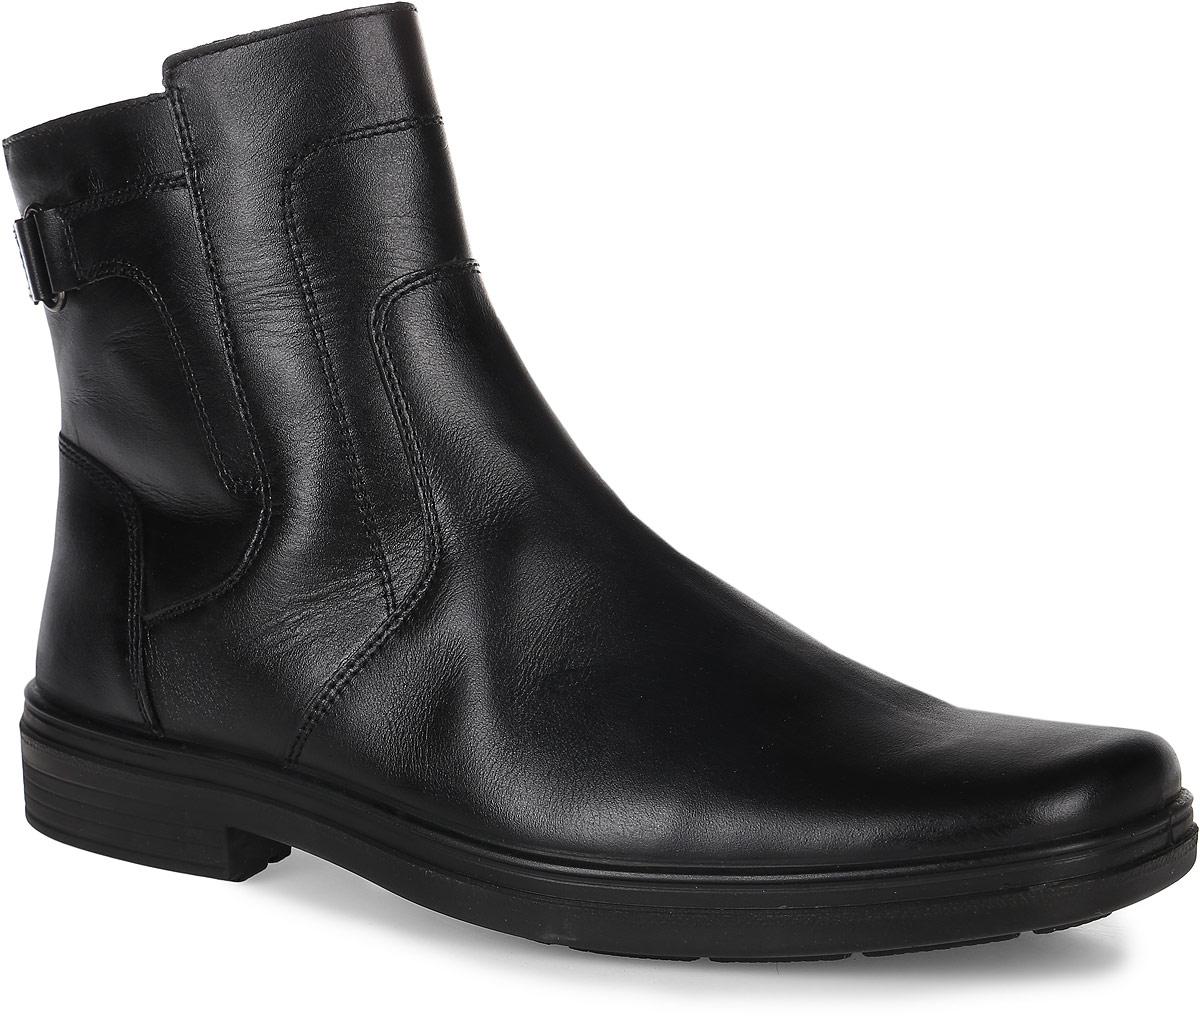 45032Мужские ботинки от Marko выполнены из натуральной кожи. Боковая сторона дополнена застежкой-молнией. Щиколотка декорирована ремешком с металлическим элементом. Подкладка и стелька изготовлены из натурального меха. Полиуретановая подошва оснащена рифлением.